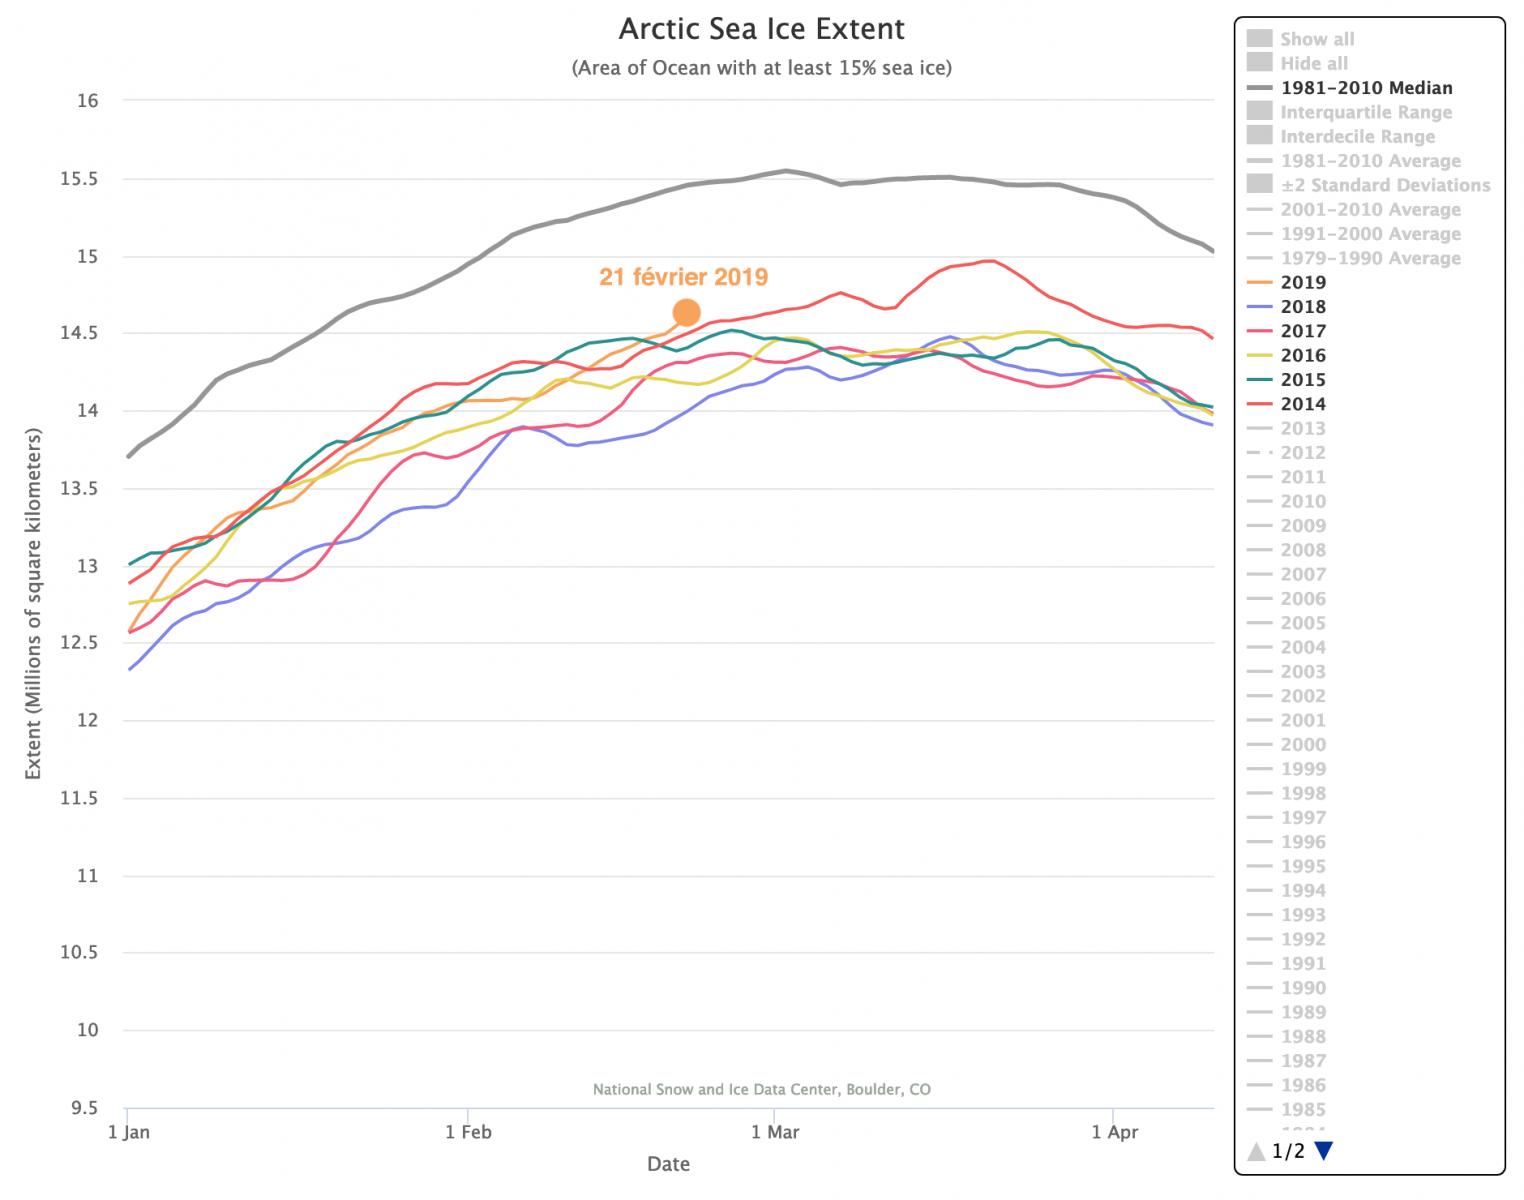 Image d'illustration pour Point sur l'état de la banquise Arctique à la fin février